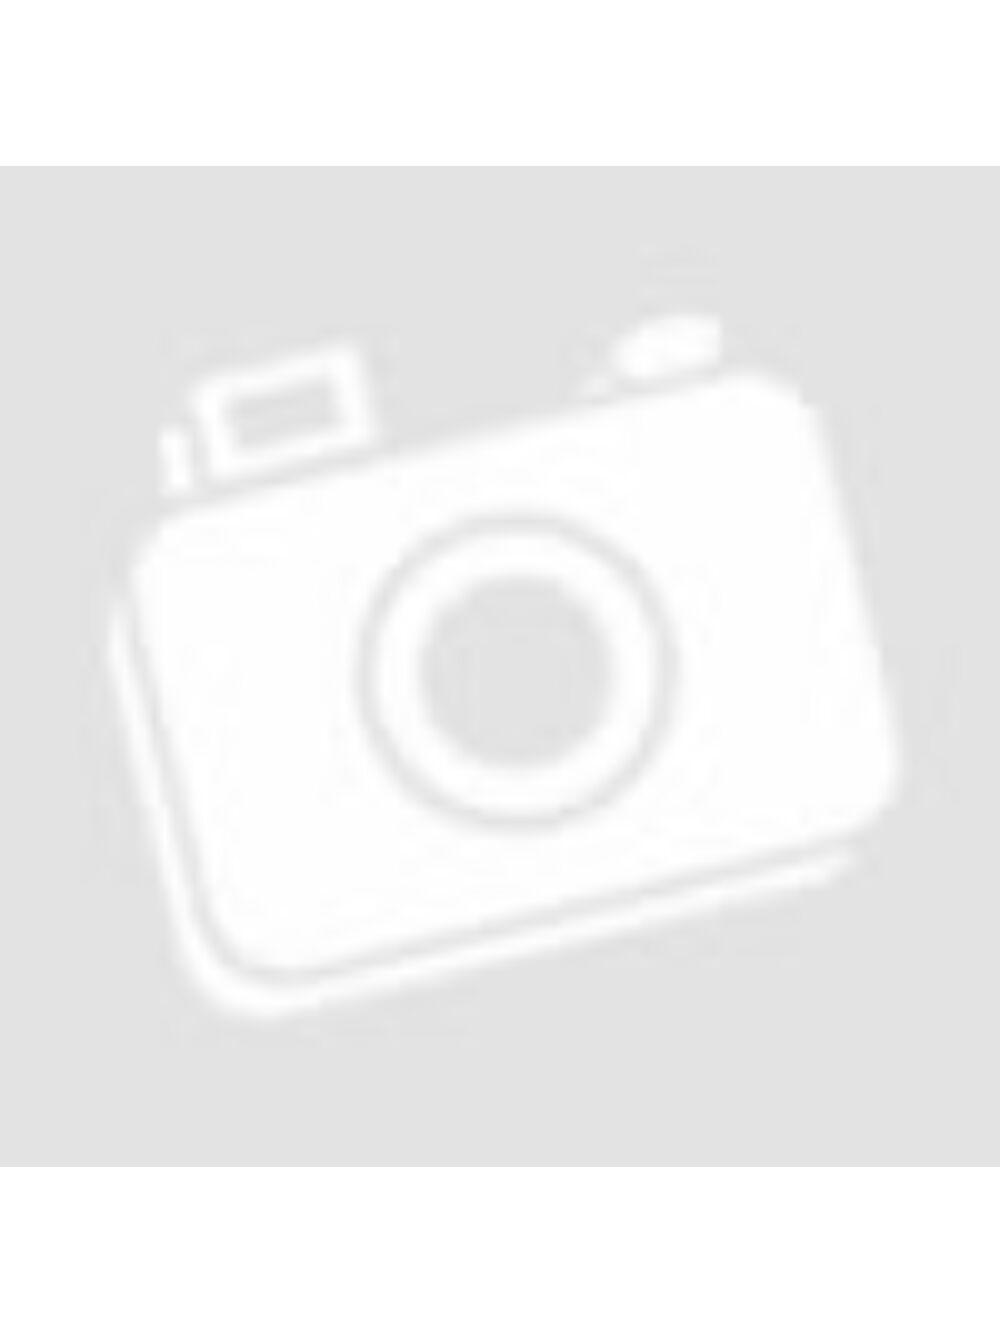 Filc táska kukaccal - Sárga